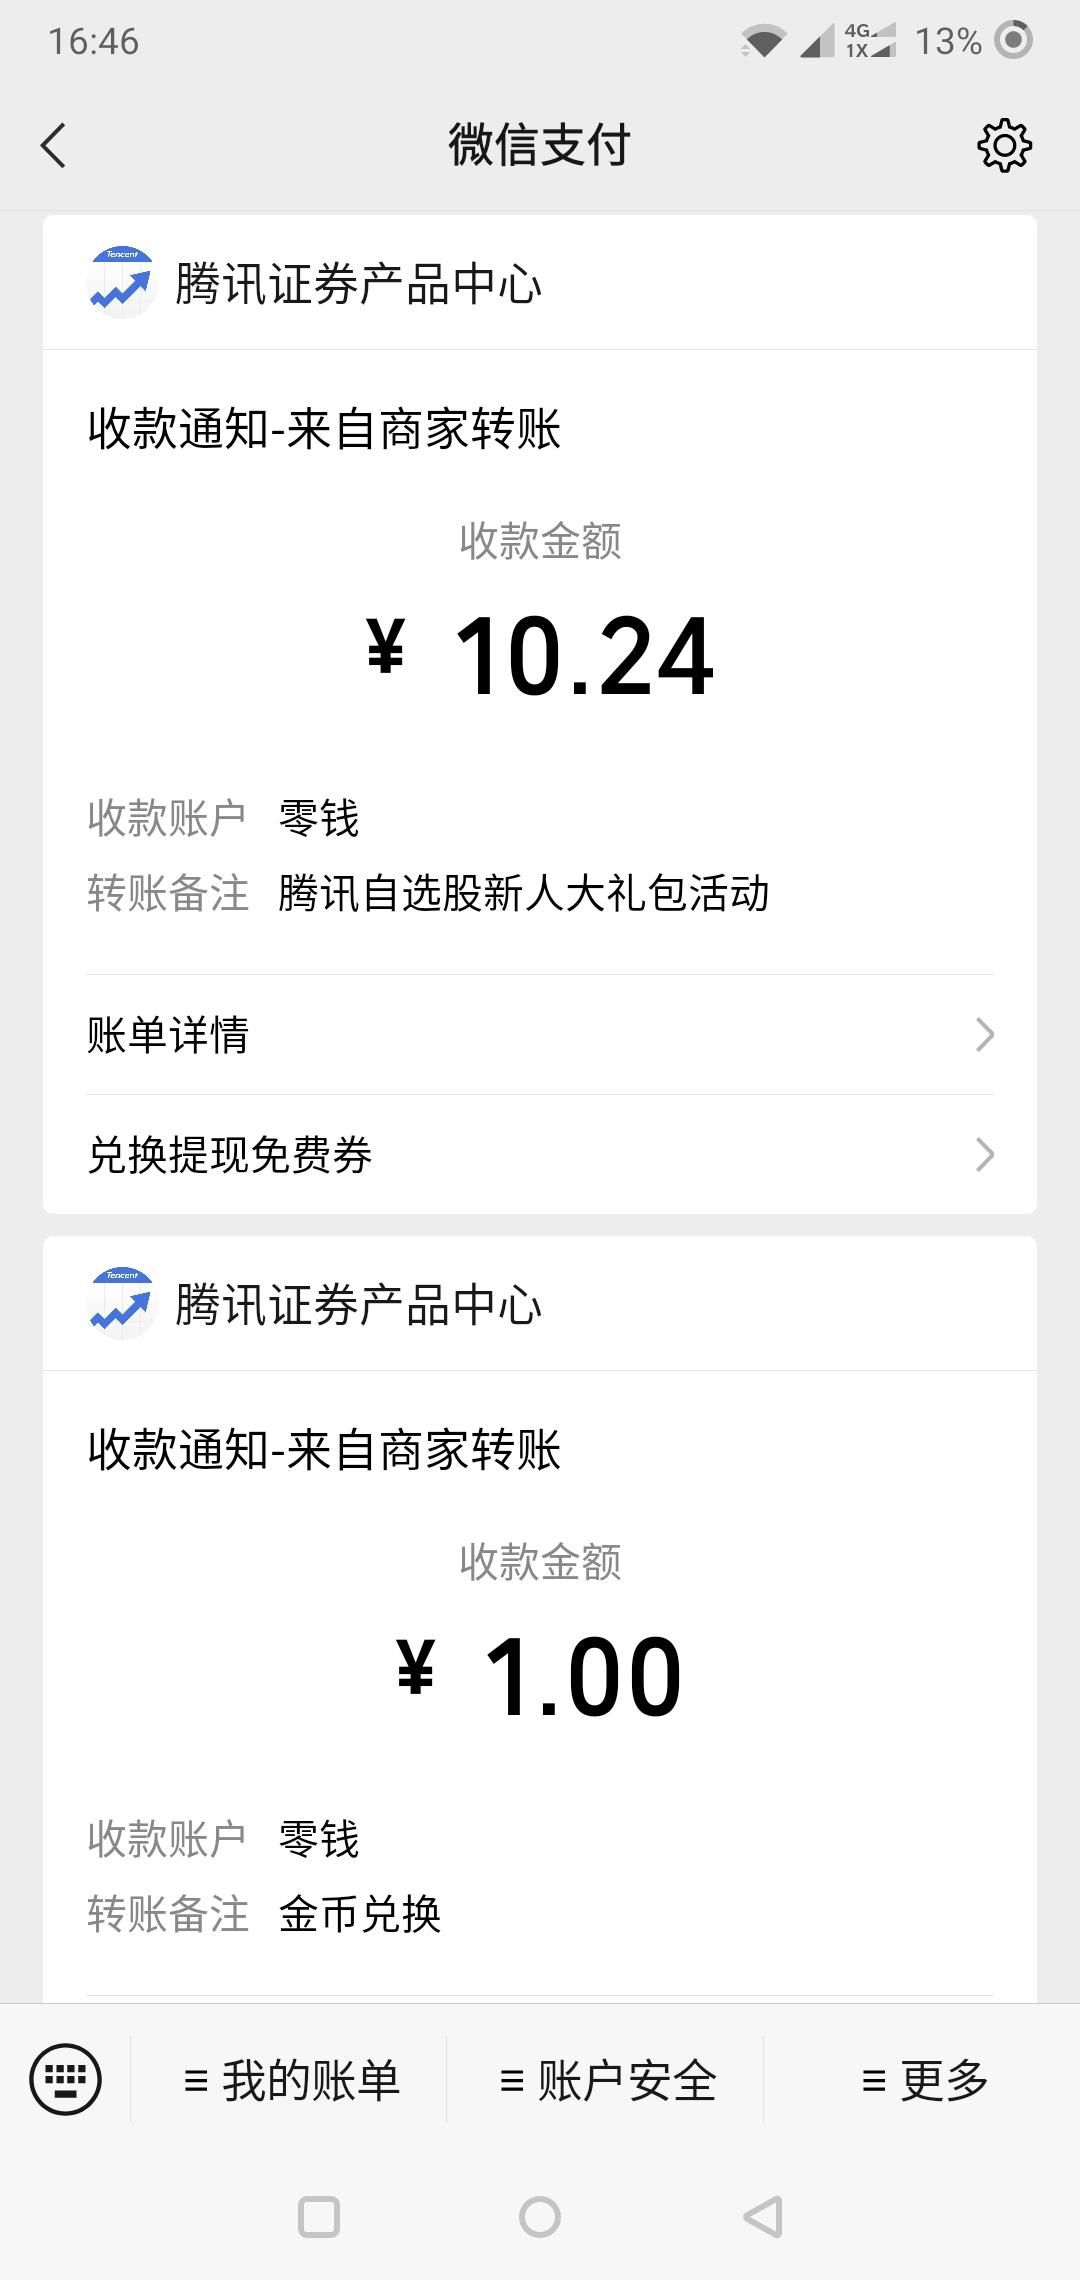 腾讯自选股三天领10元